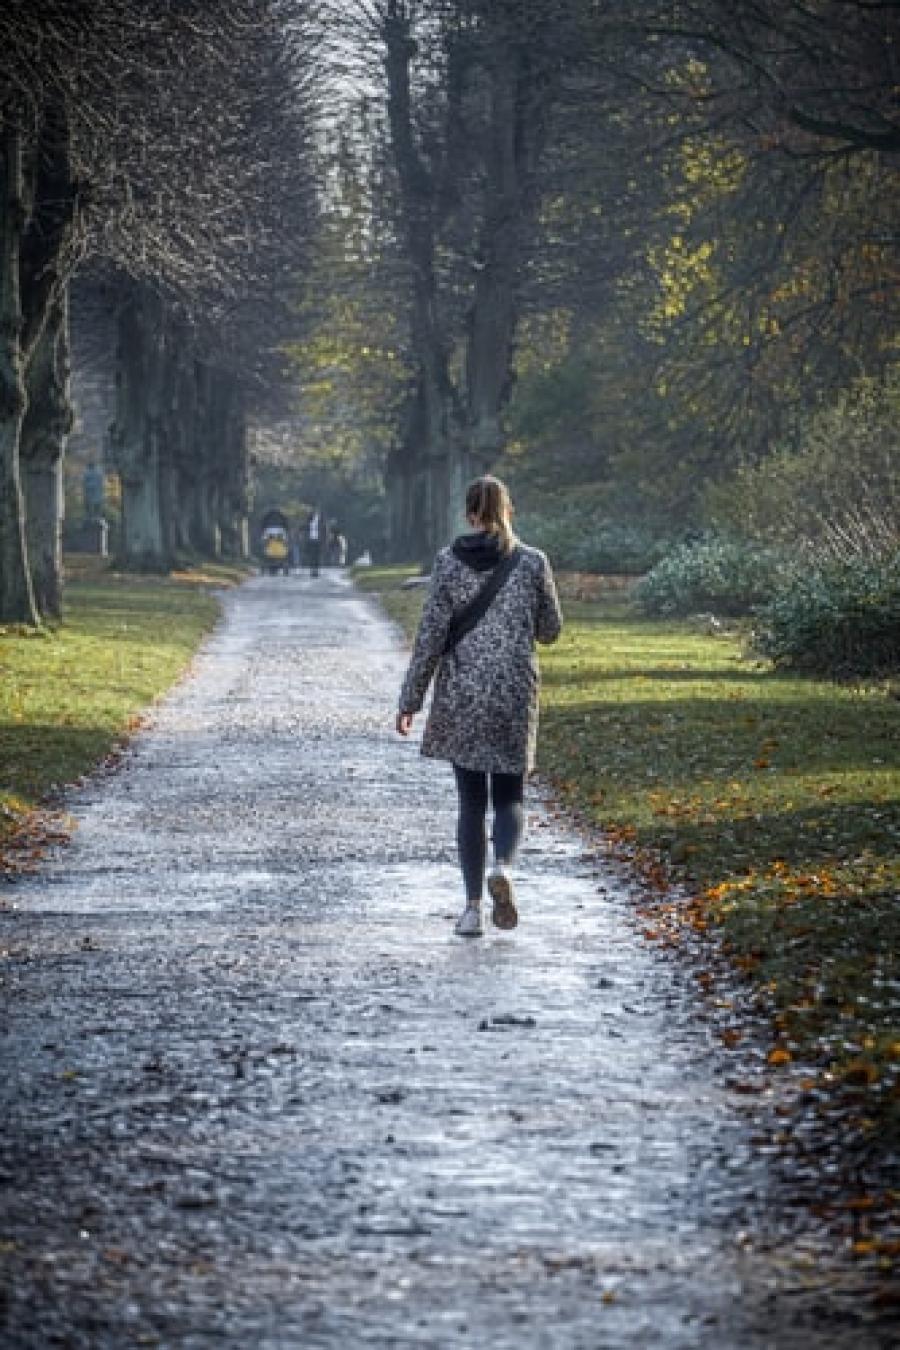 Pige går en tur i en park